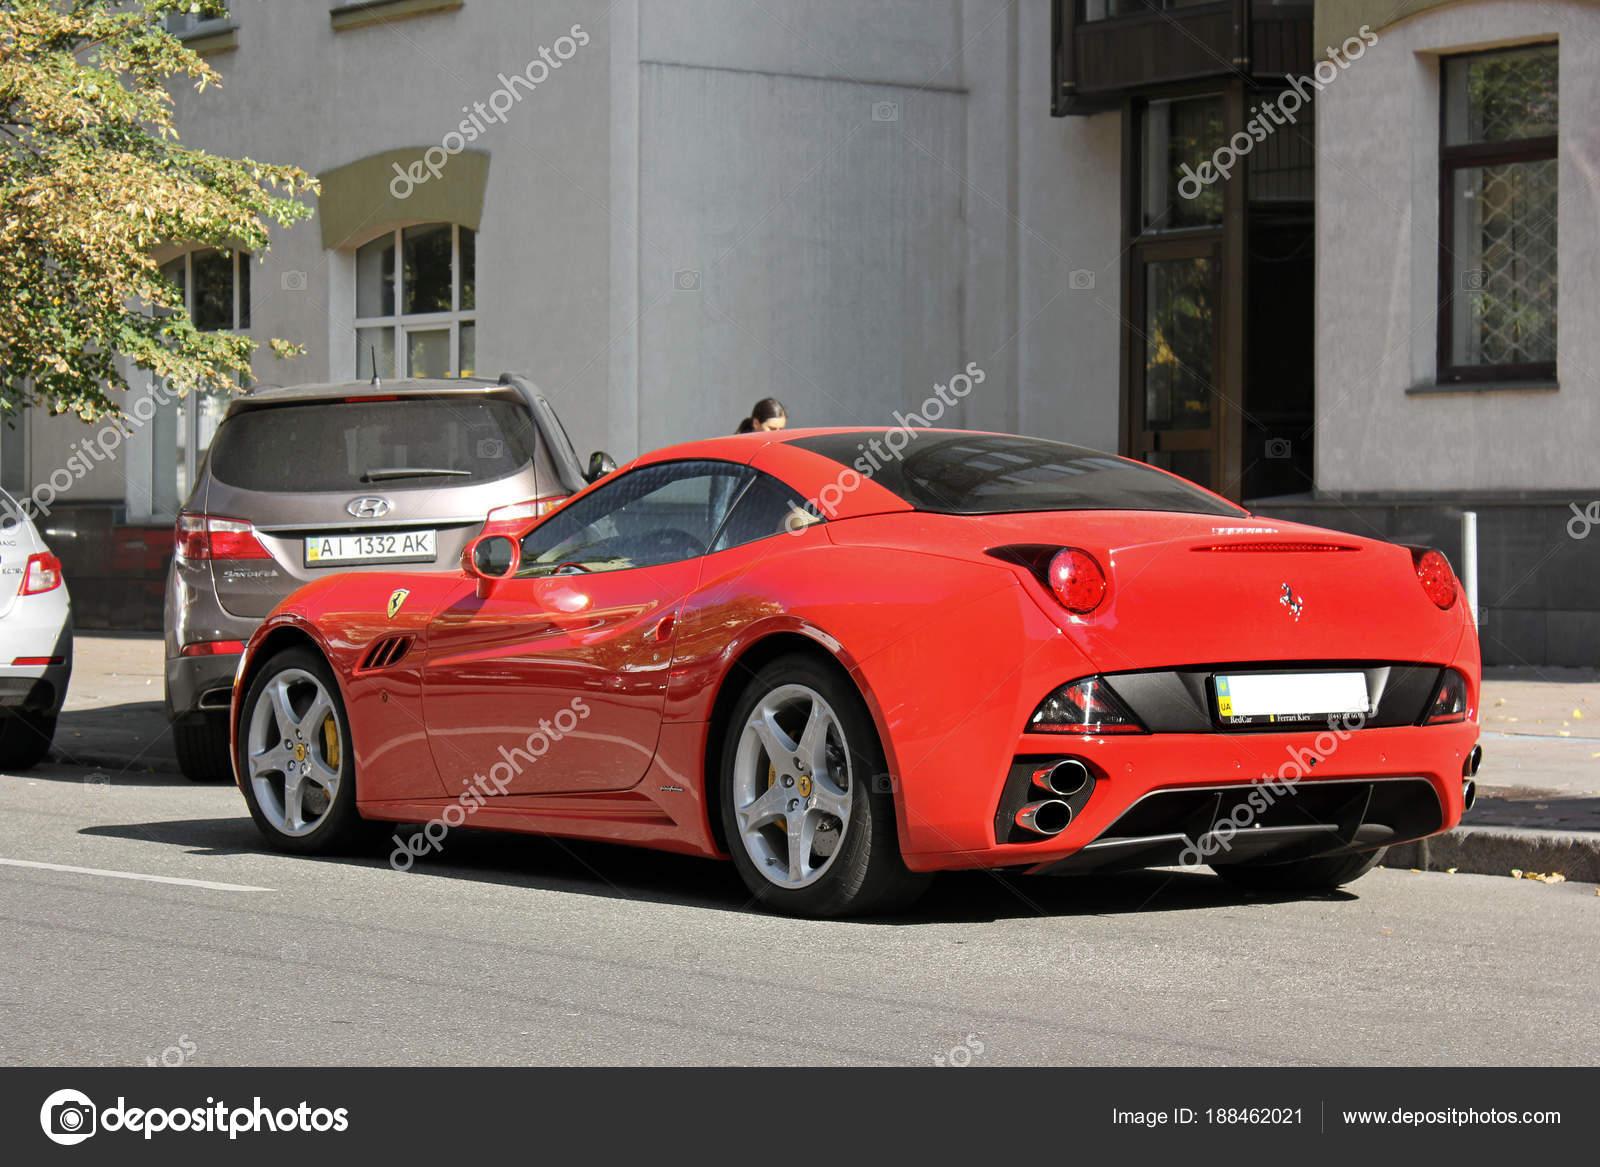 Exclusive Private Supercar Center City Ferrari California Rear View